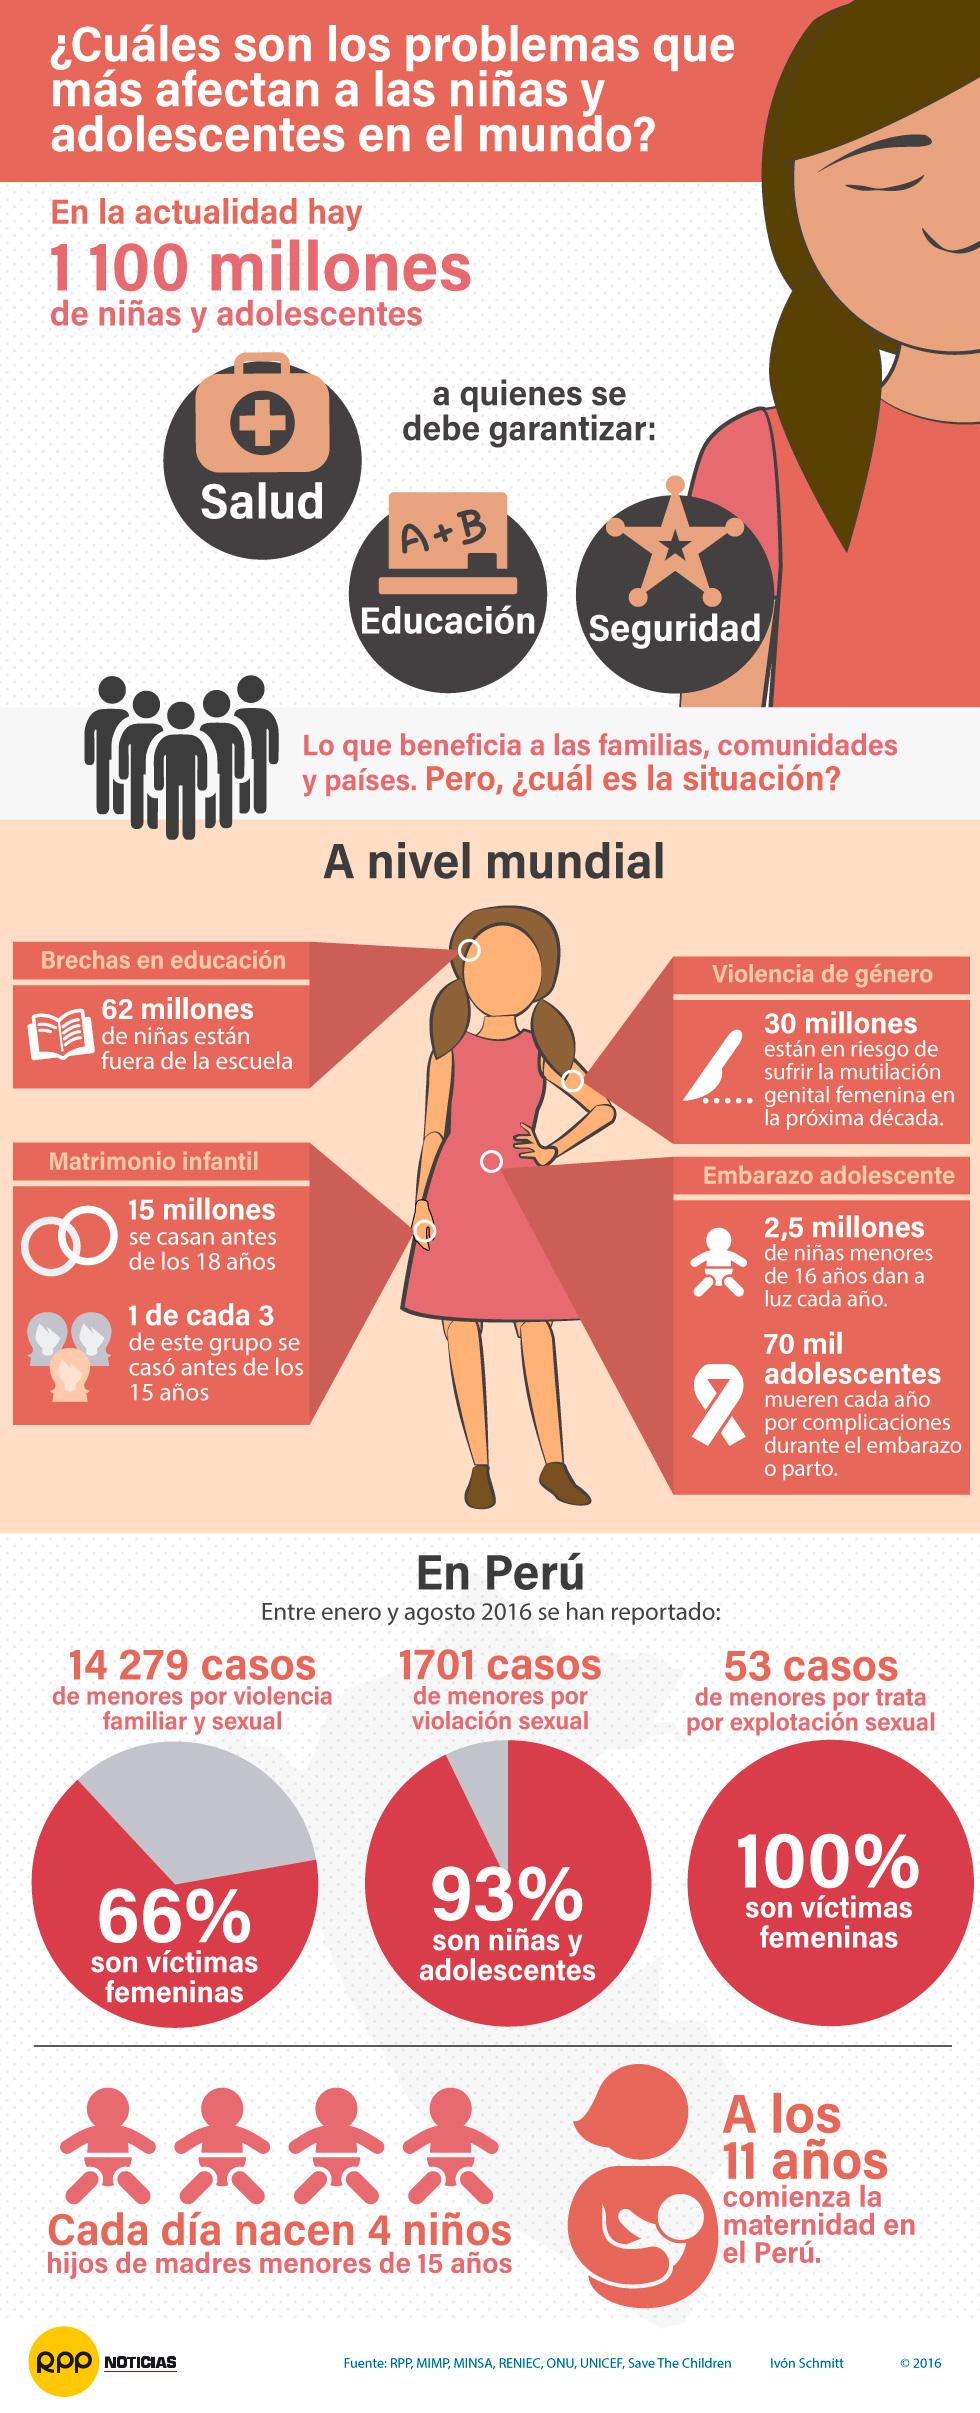 Los problemas que más afectan a las niñas y adolescentes del mundo